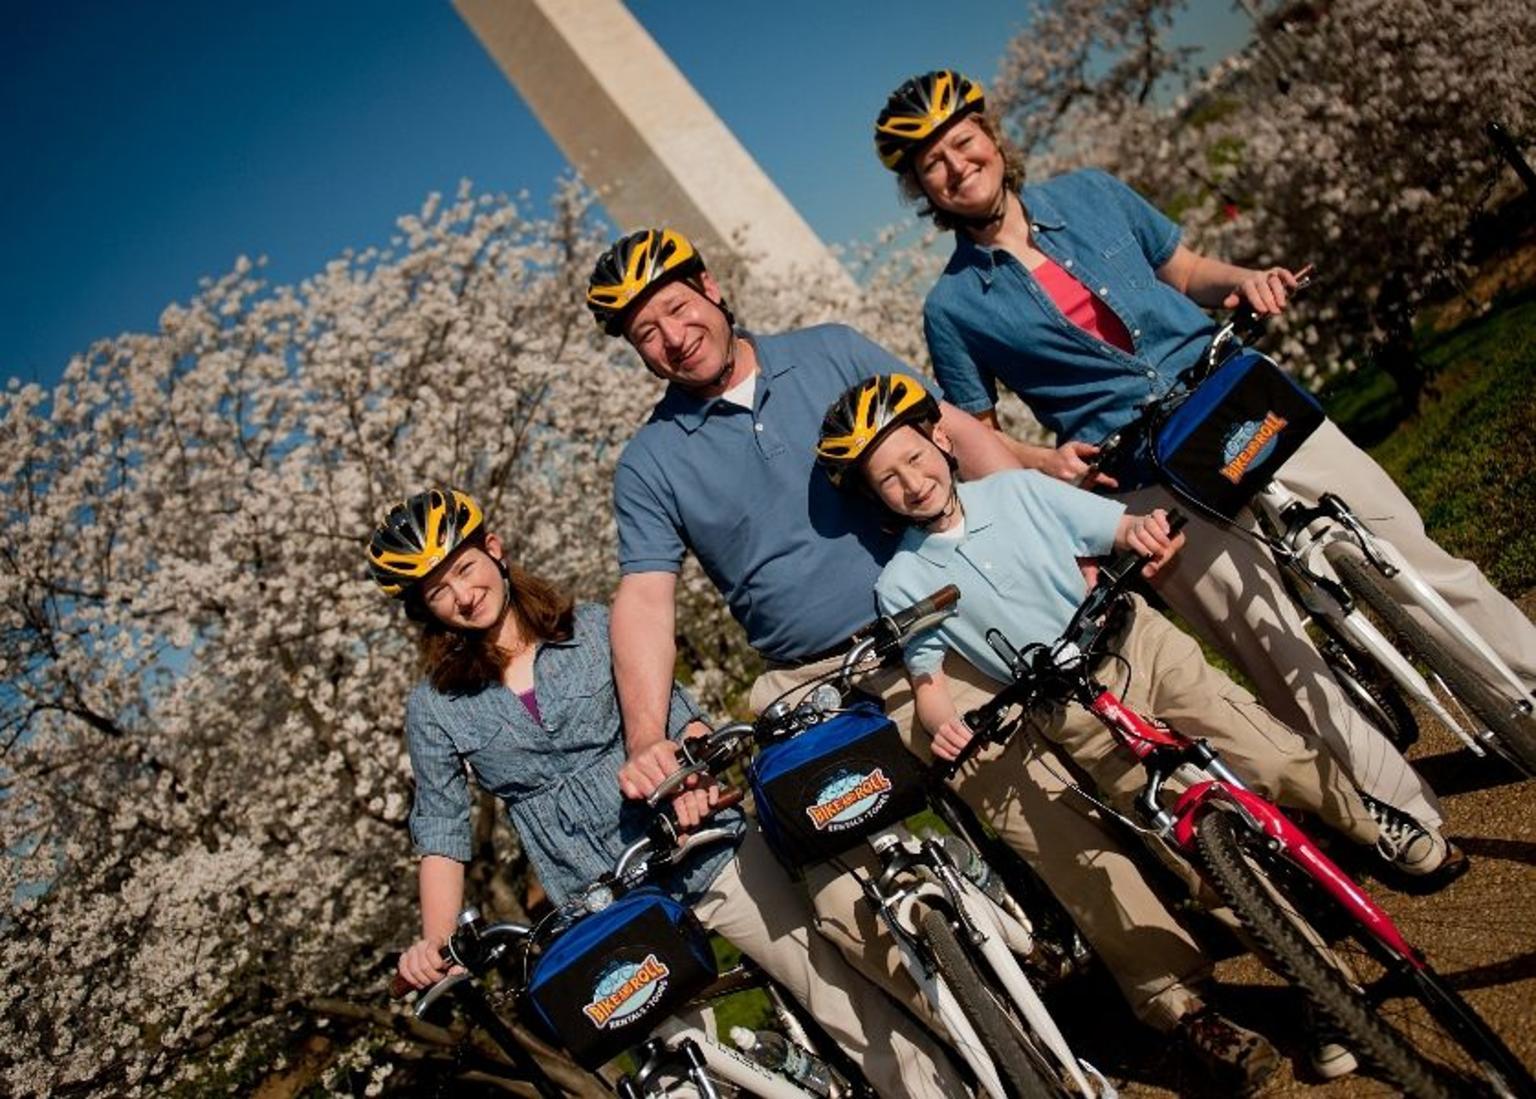 MÁS FOTOS, Alquiler de bicicletas de día en Washington DC